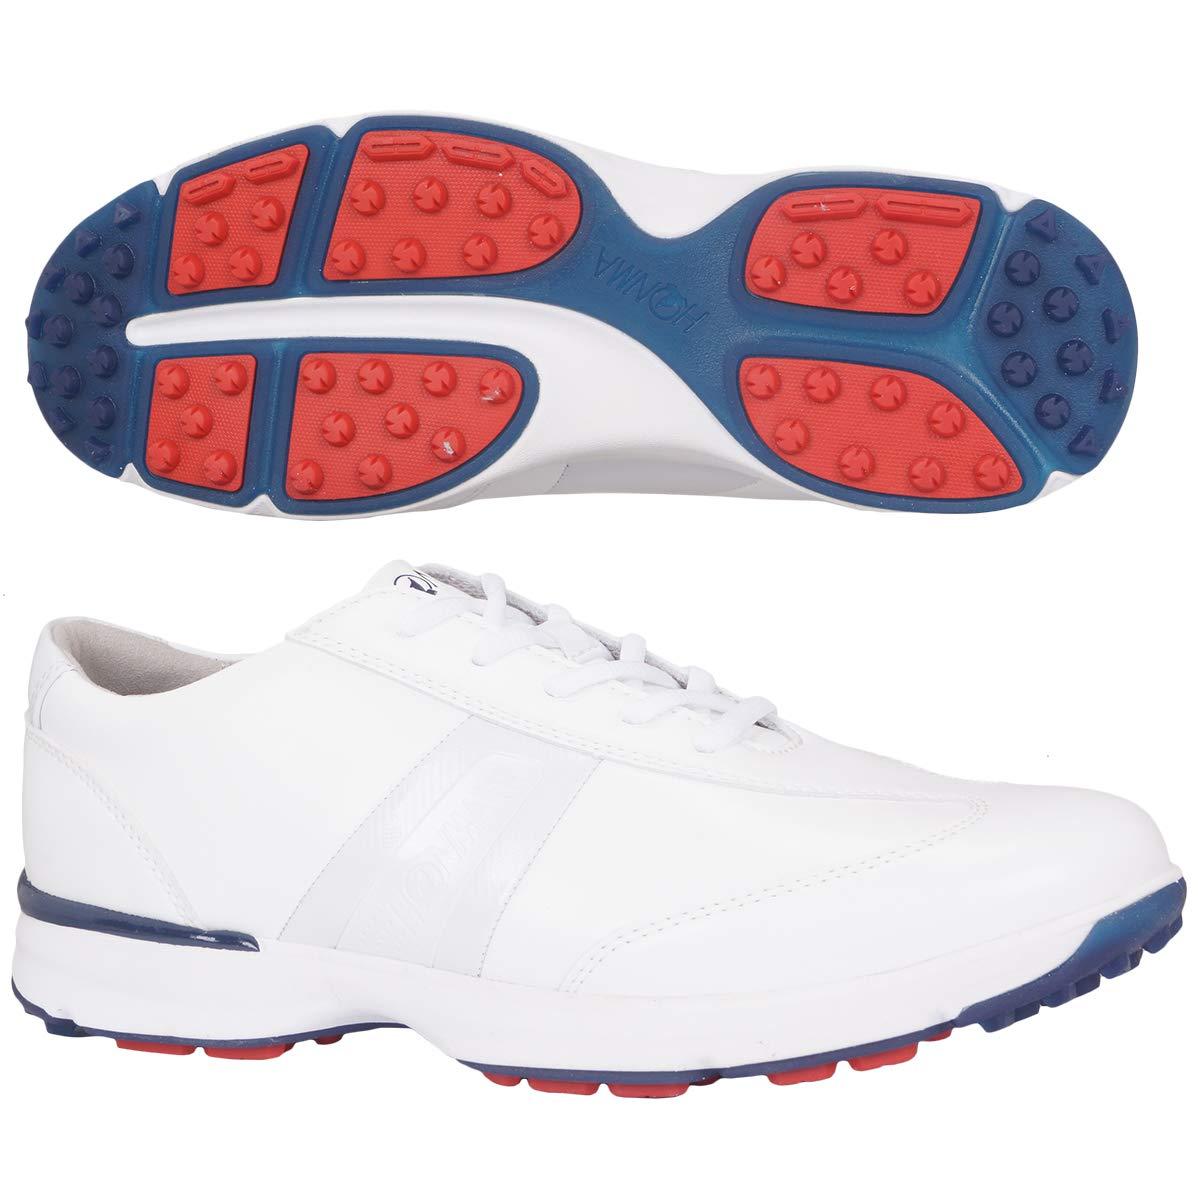 本間ゴルフ HONMA SR1904 ホワイト 27.5/E2   B07MWCXQJN